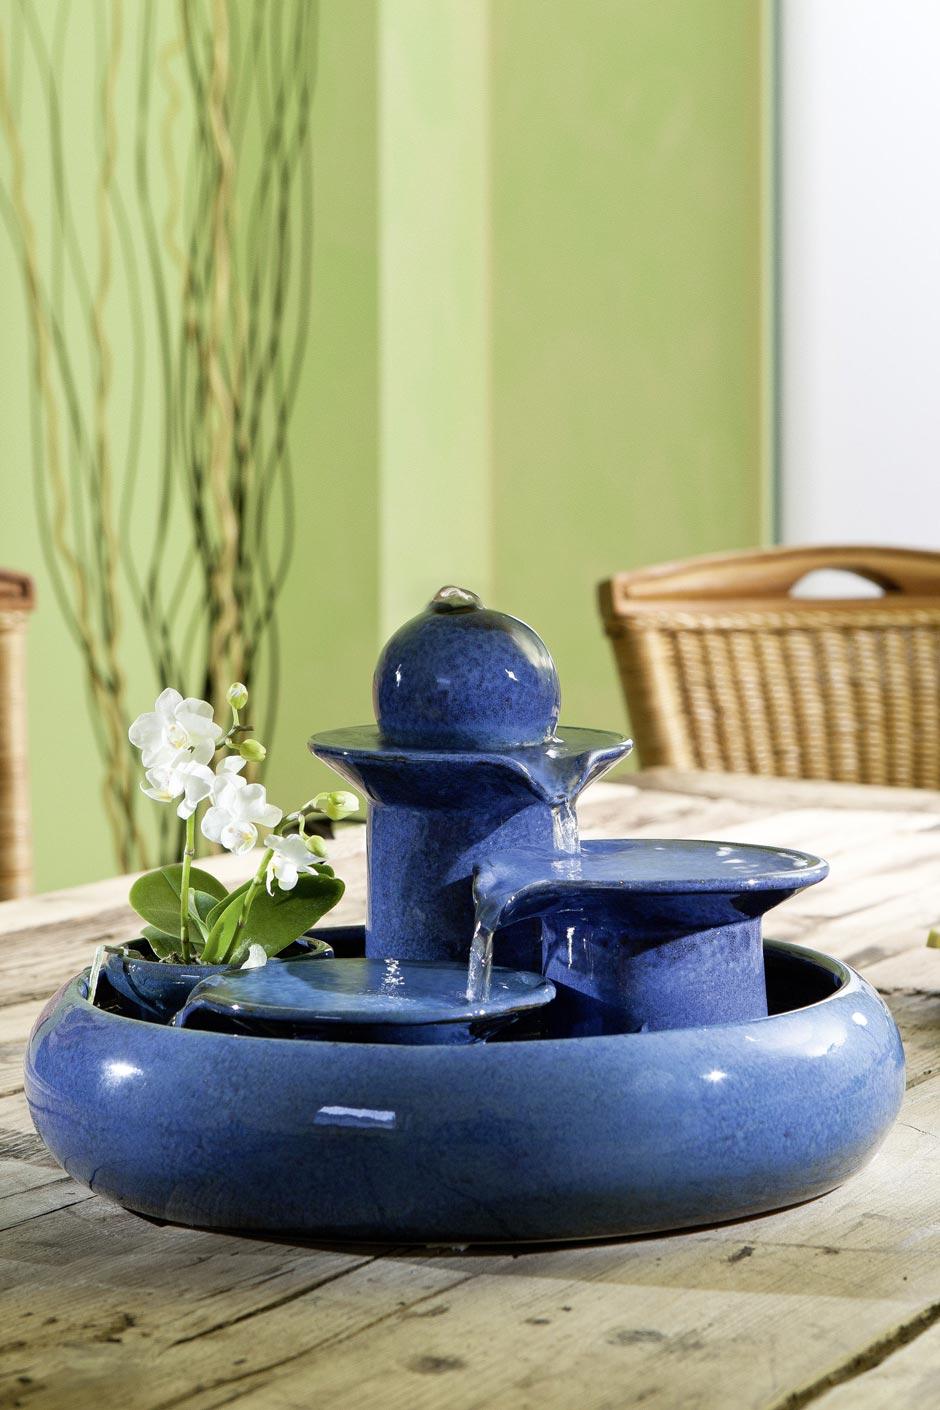 Fontaine Vasque Trois Colonnes En Ceramique Bleue Seliger